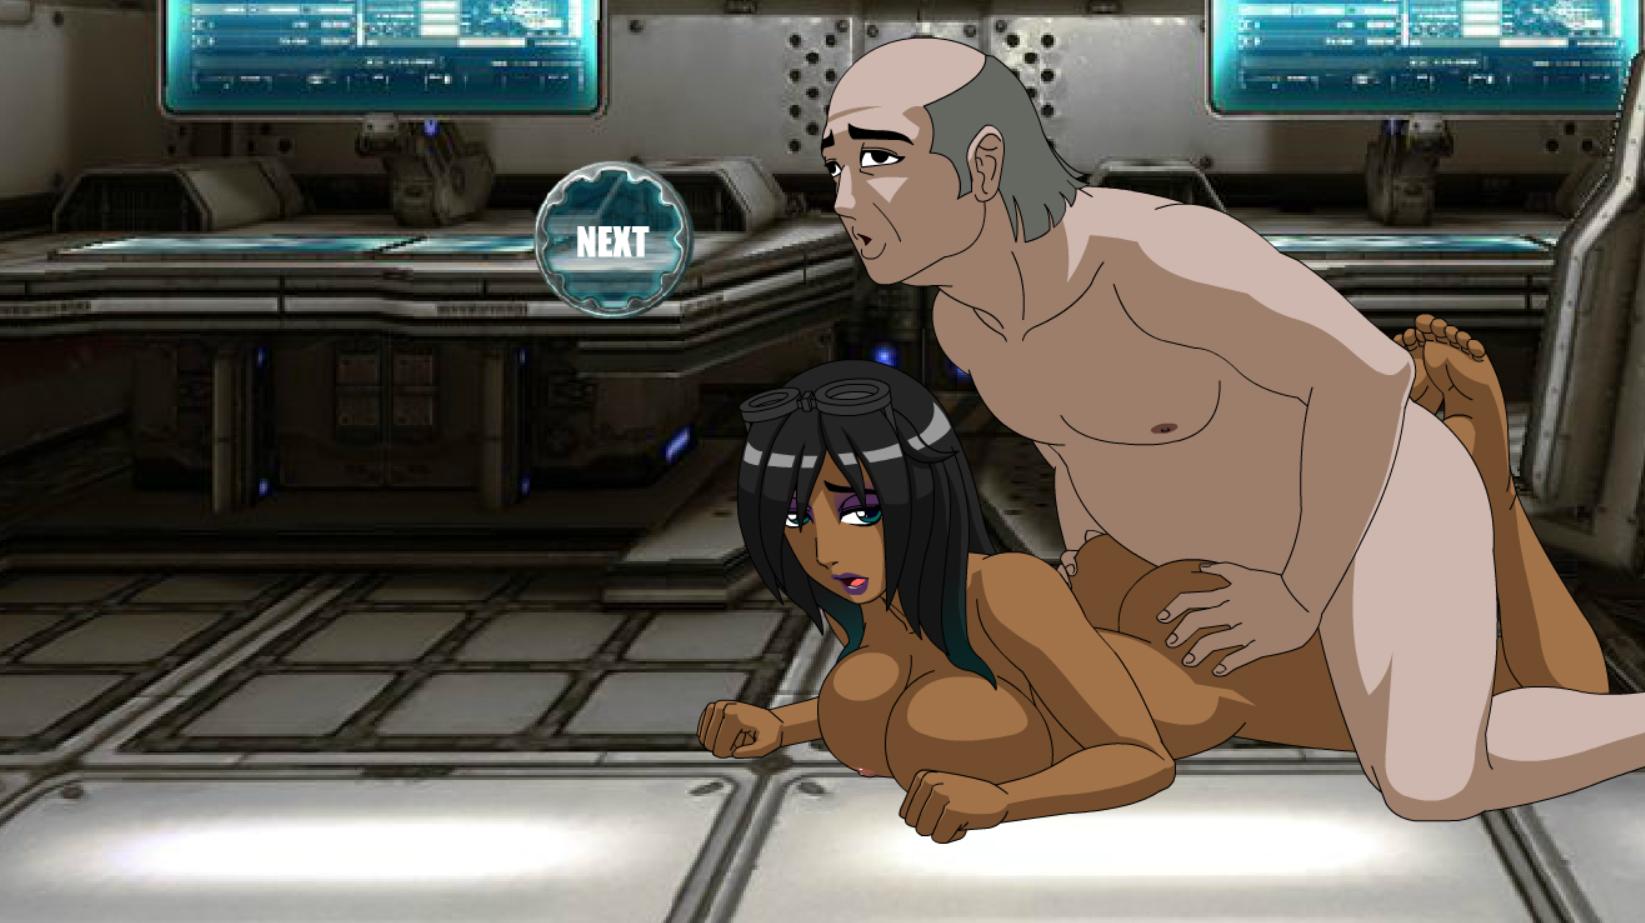 Rogue porno game sexy picture